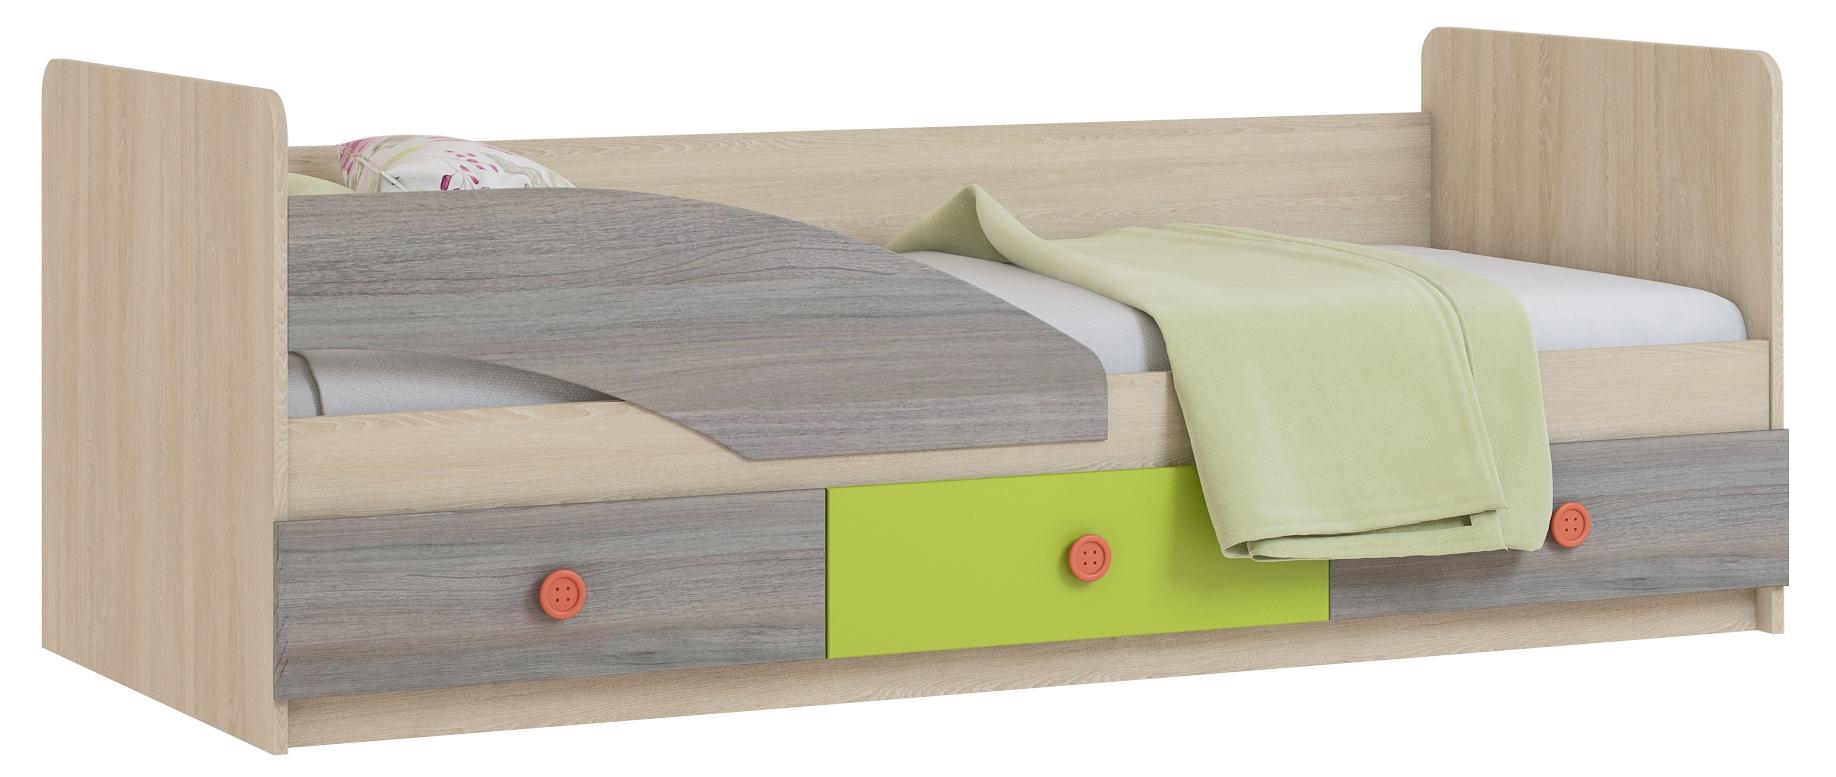 Детская кровать Пуговка 80*200 - фото